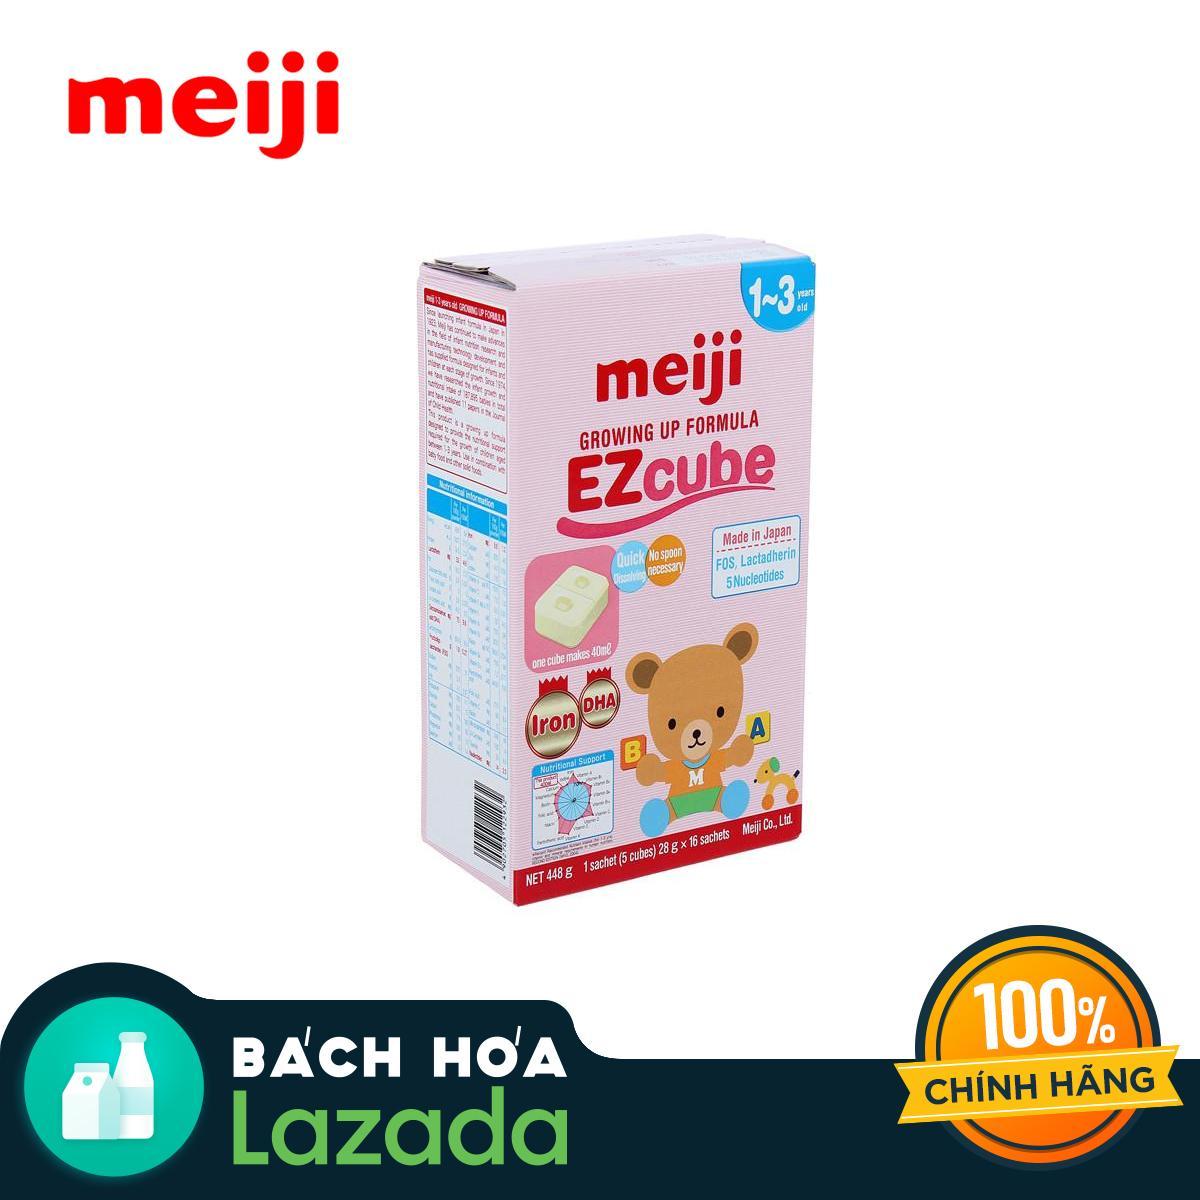 Sữa Meiji dạng thanh Growing Up Formula dành cho trẻ...